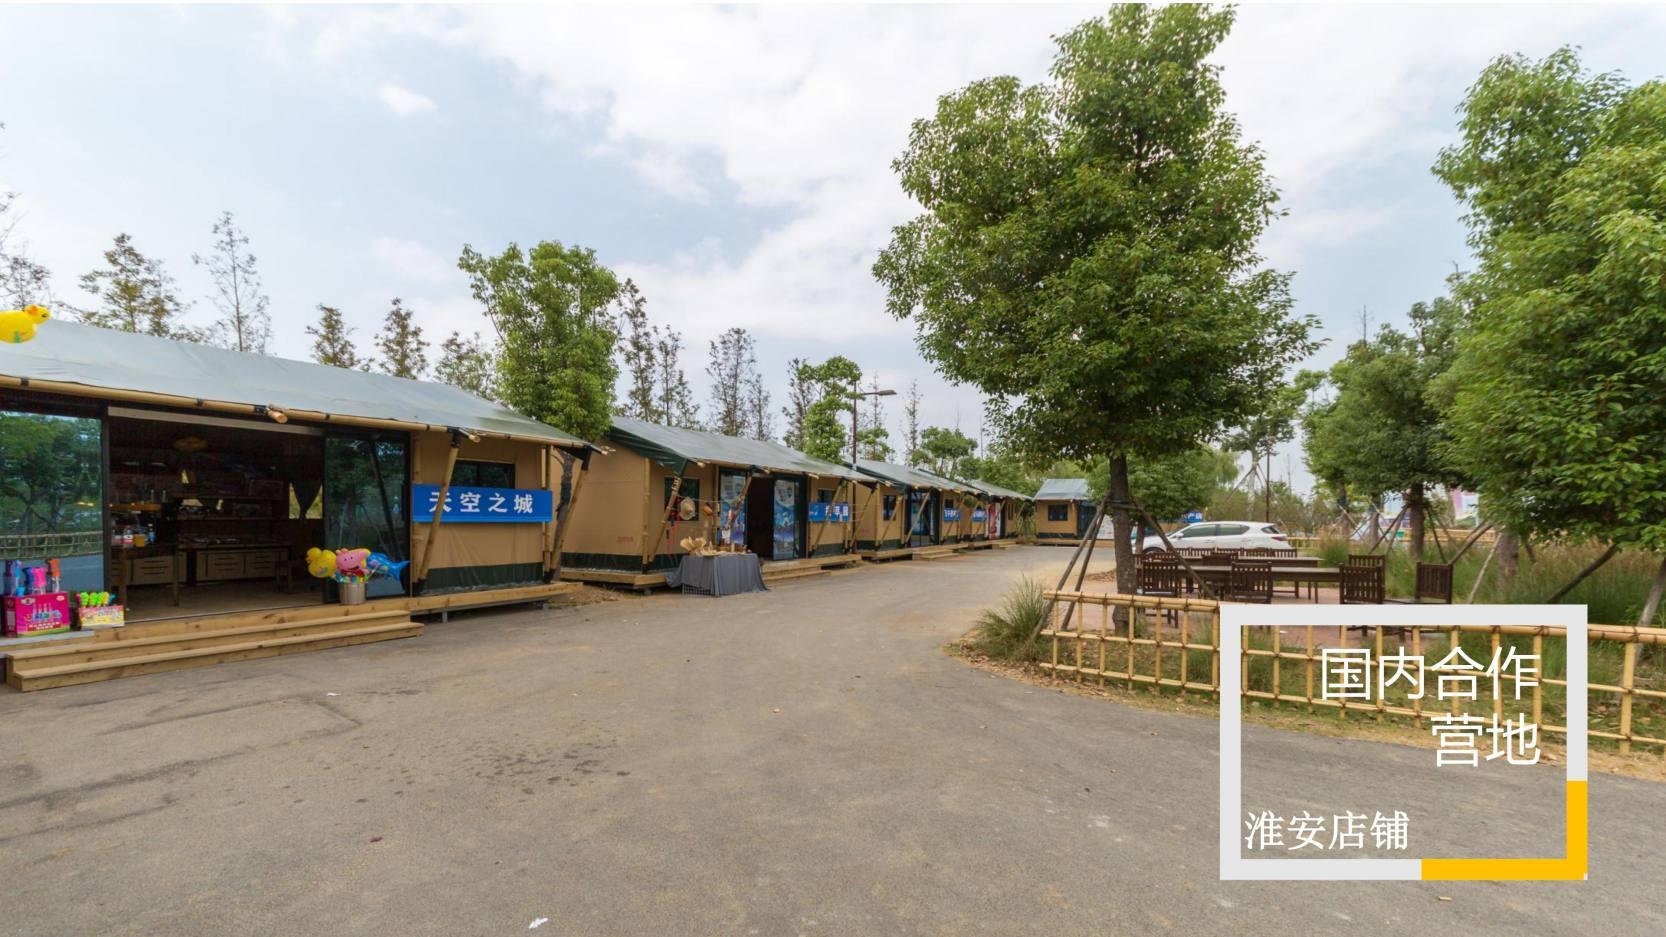 喜马拉雅野奢帐篷 (17)